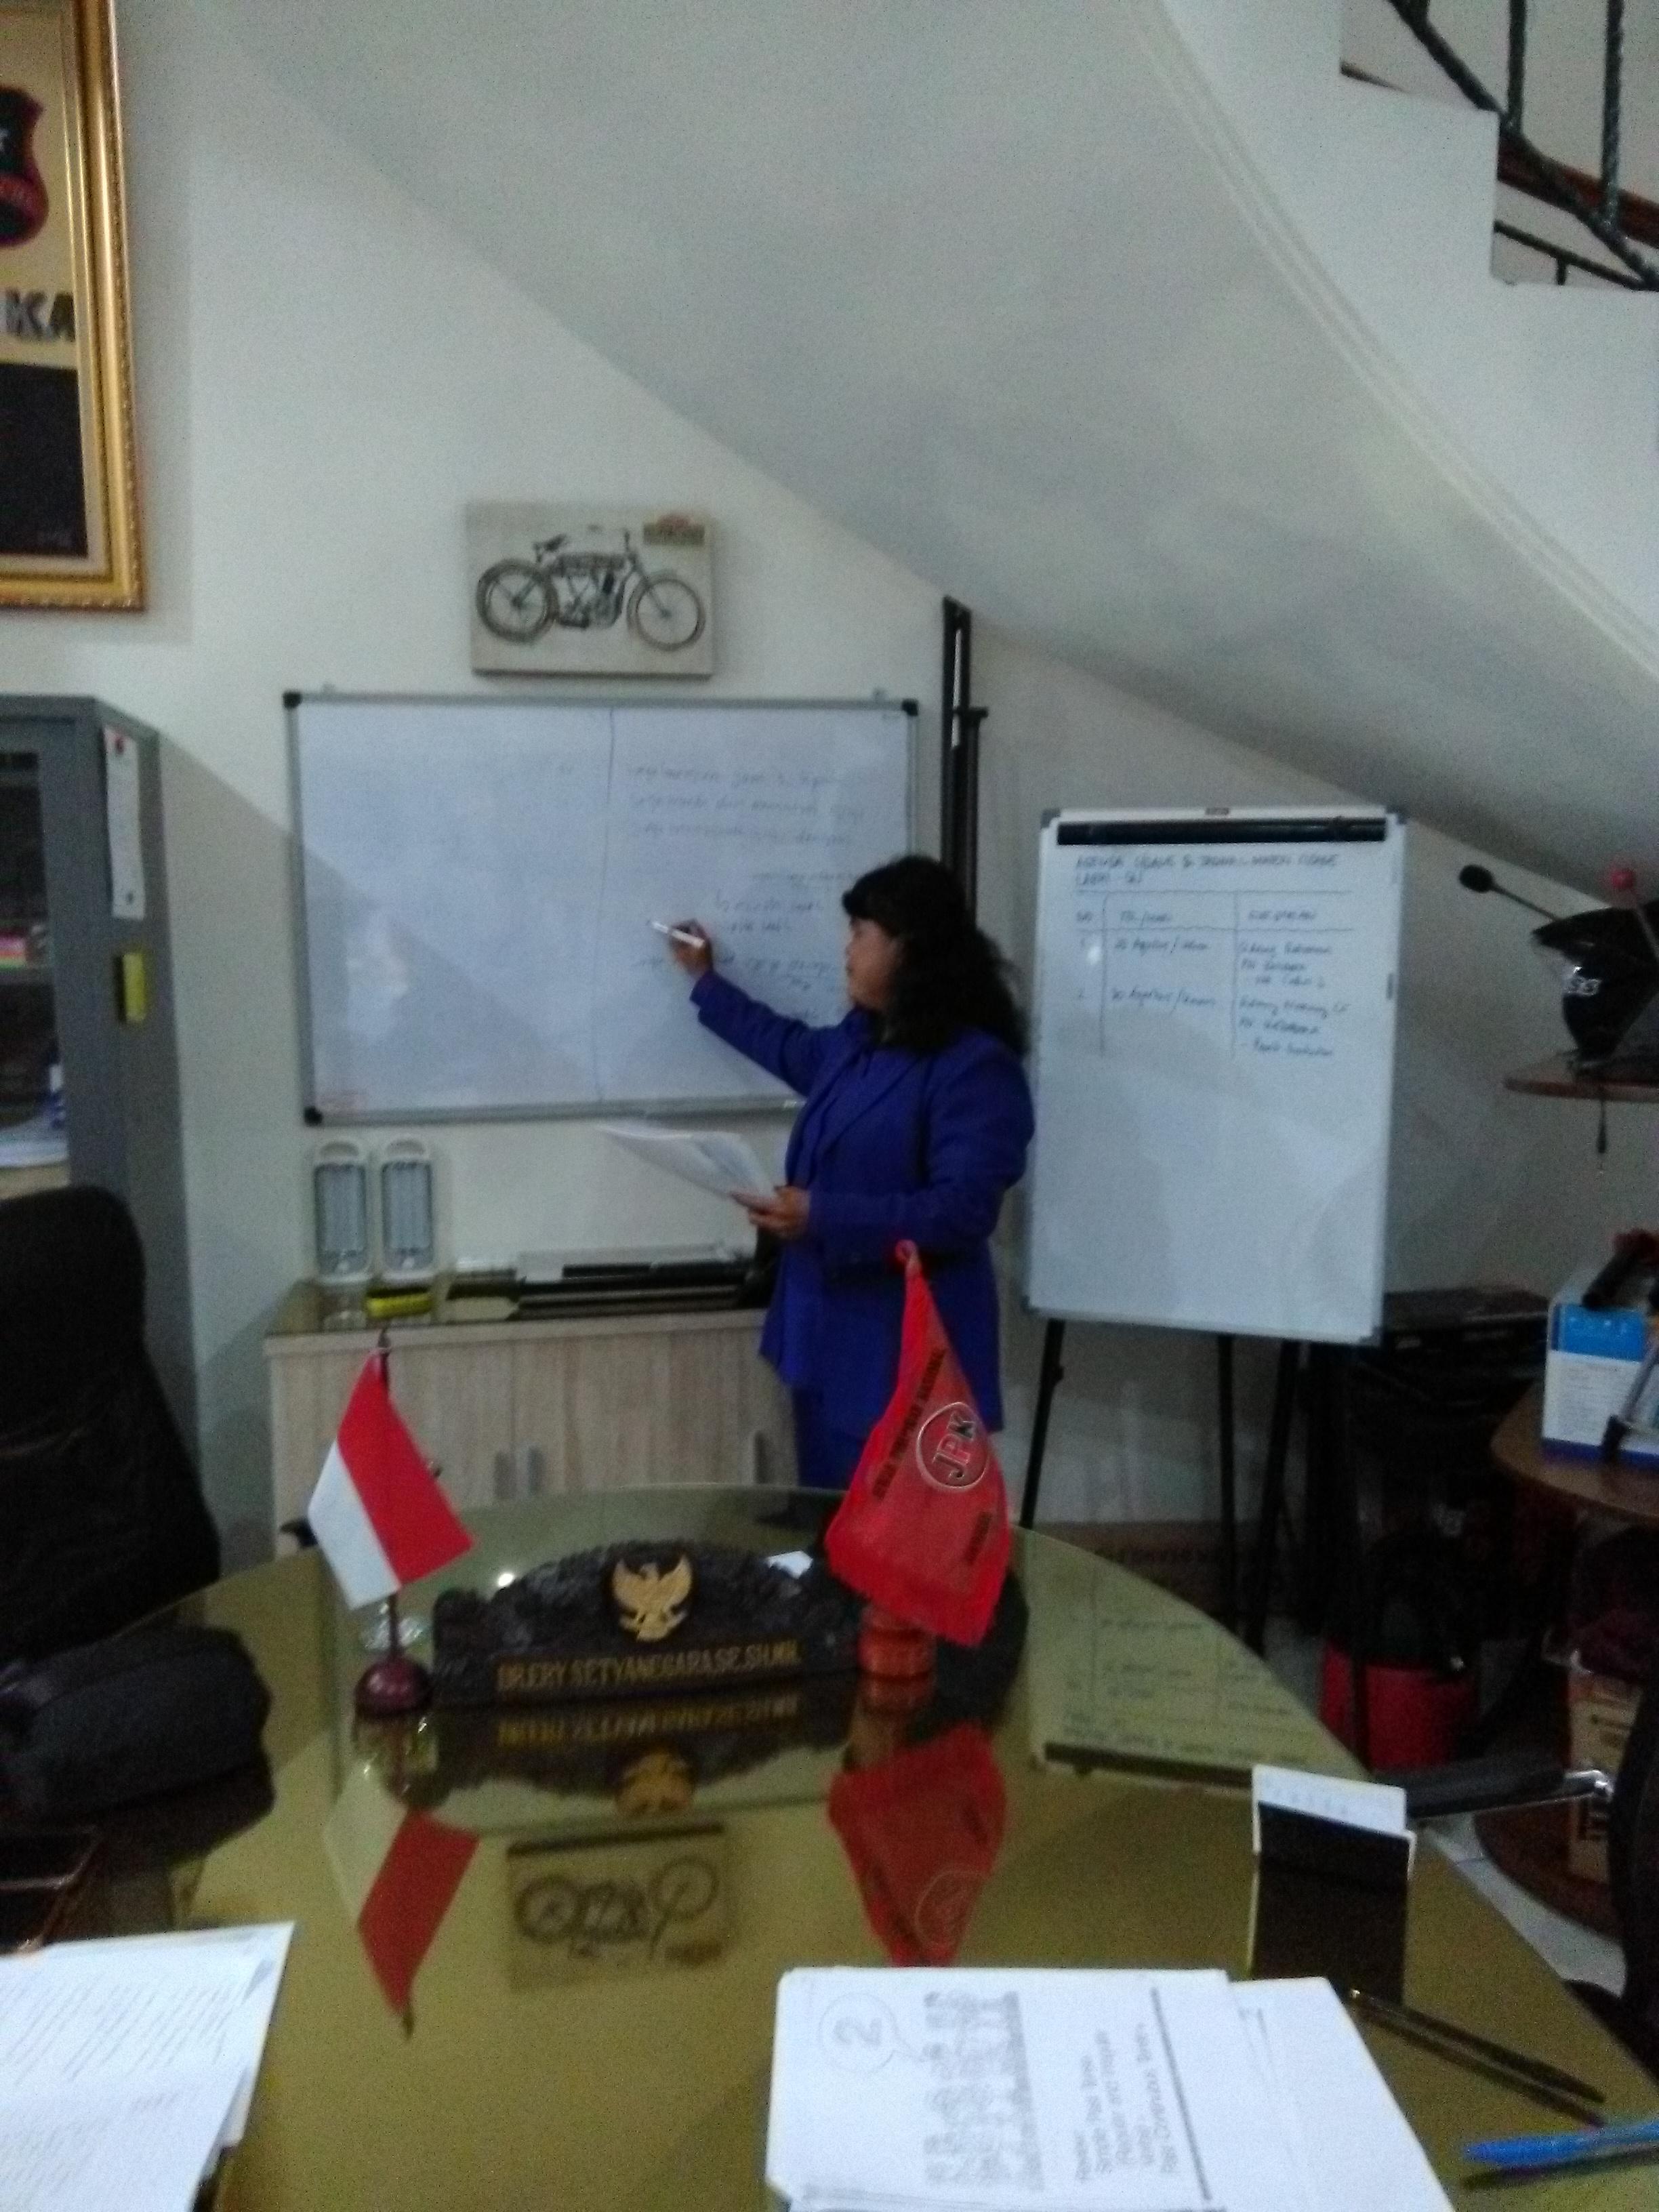 les privat bahasa inggis di jakarta pusat guru datang ke rumah kantor